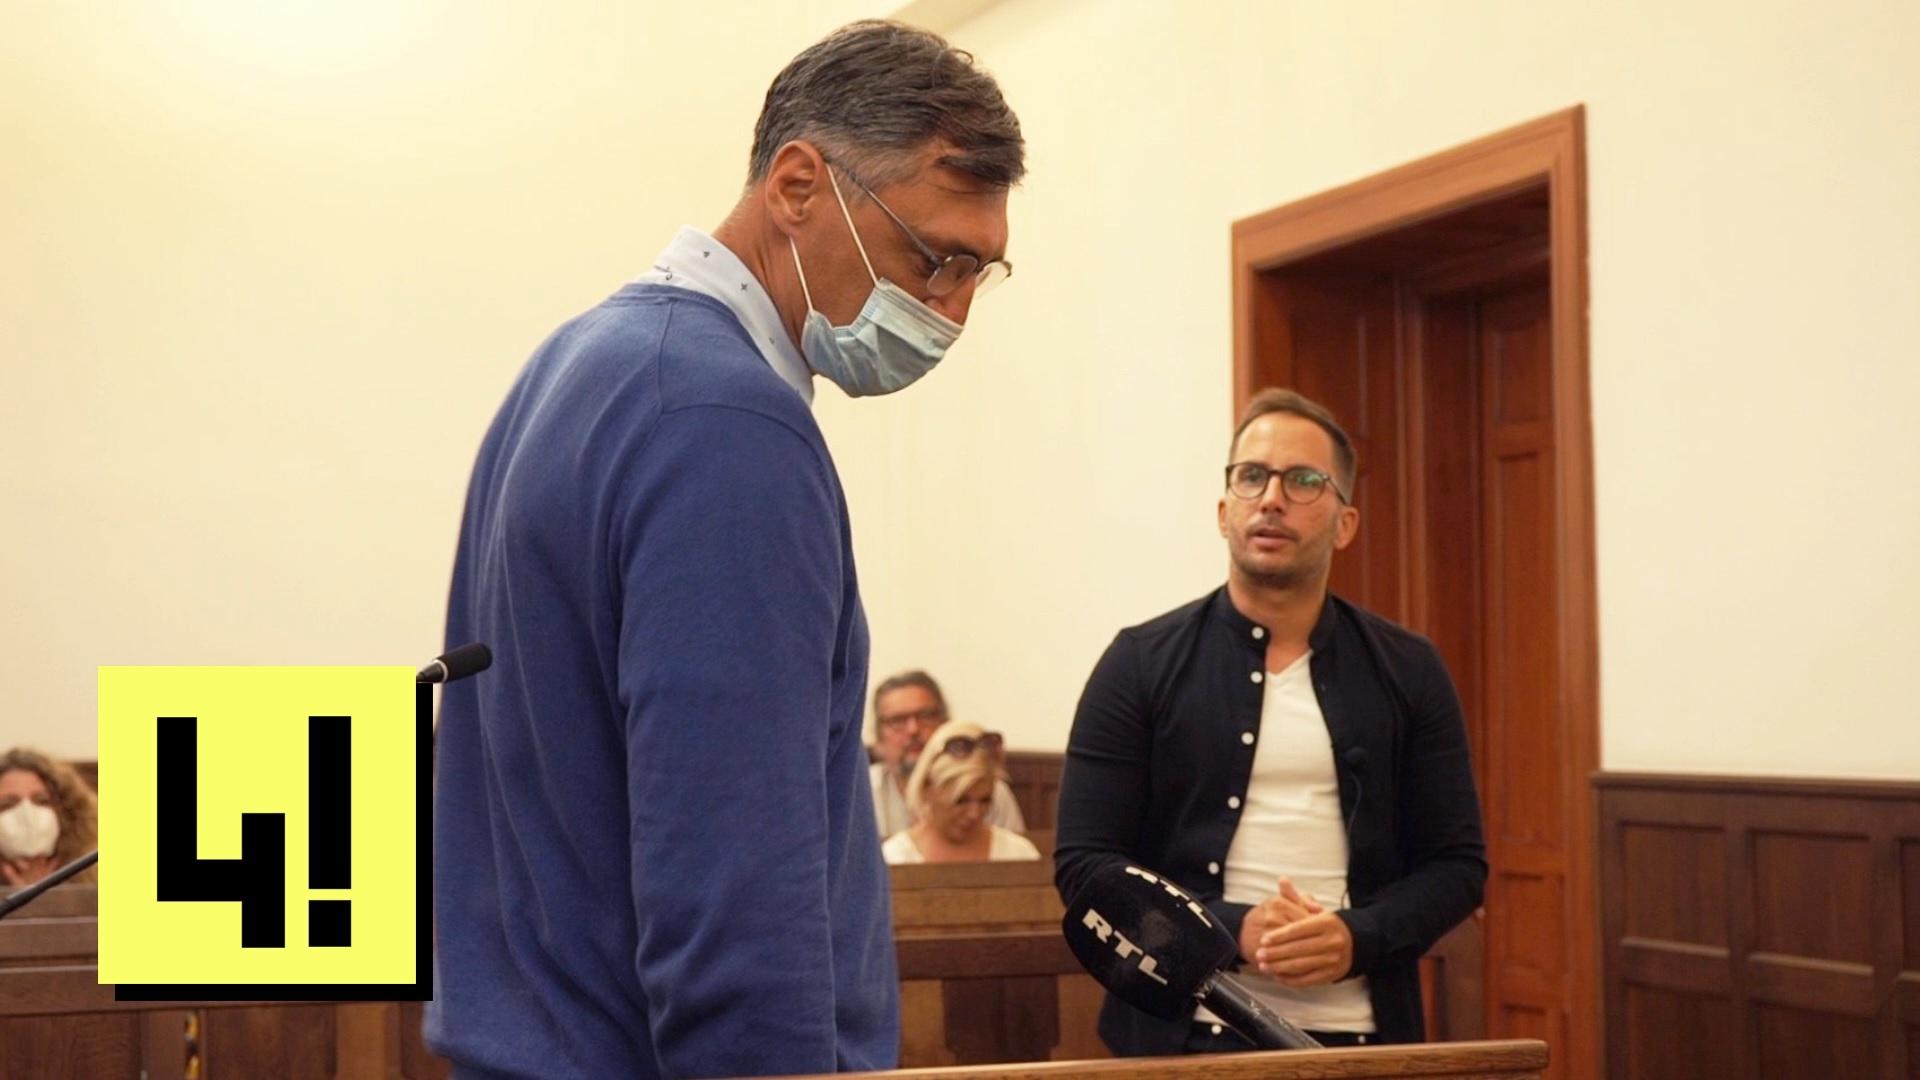 Pető Attila végül a bíróságon tudta feltenni a kérdéseit az érseki helynöknek